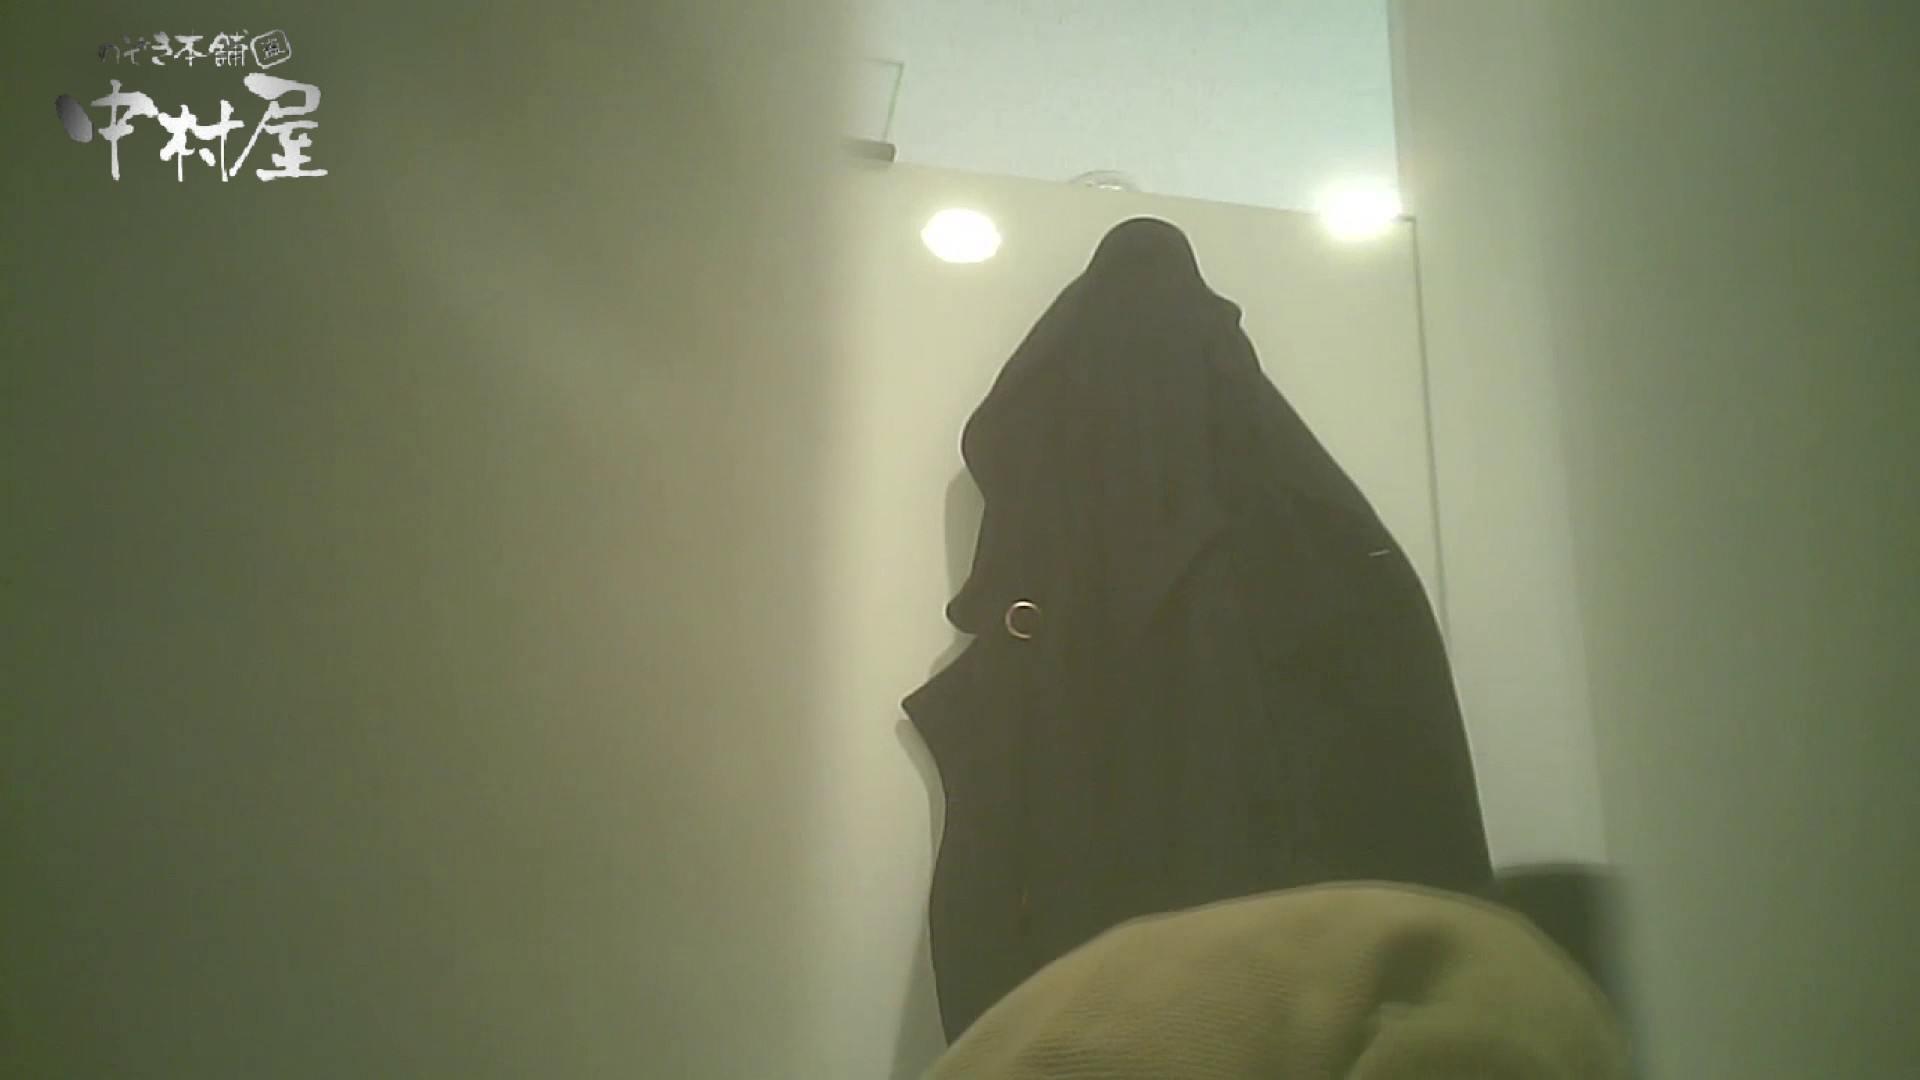 有名大学女性洗面所 vol.54 設置撮影最高峰!! 3視点でじっくり観察 和式  99連発 5